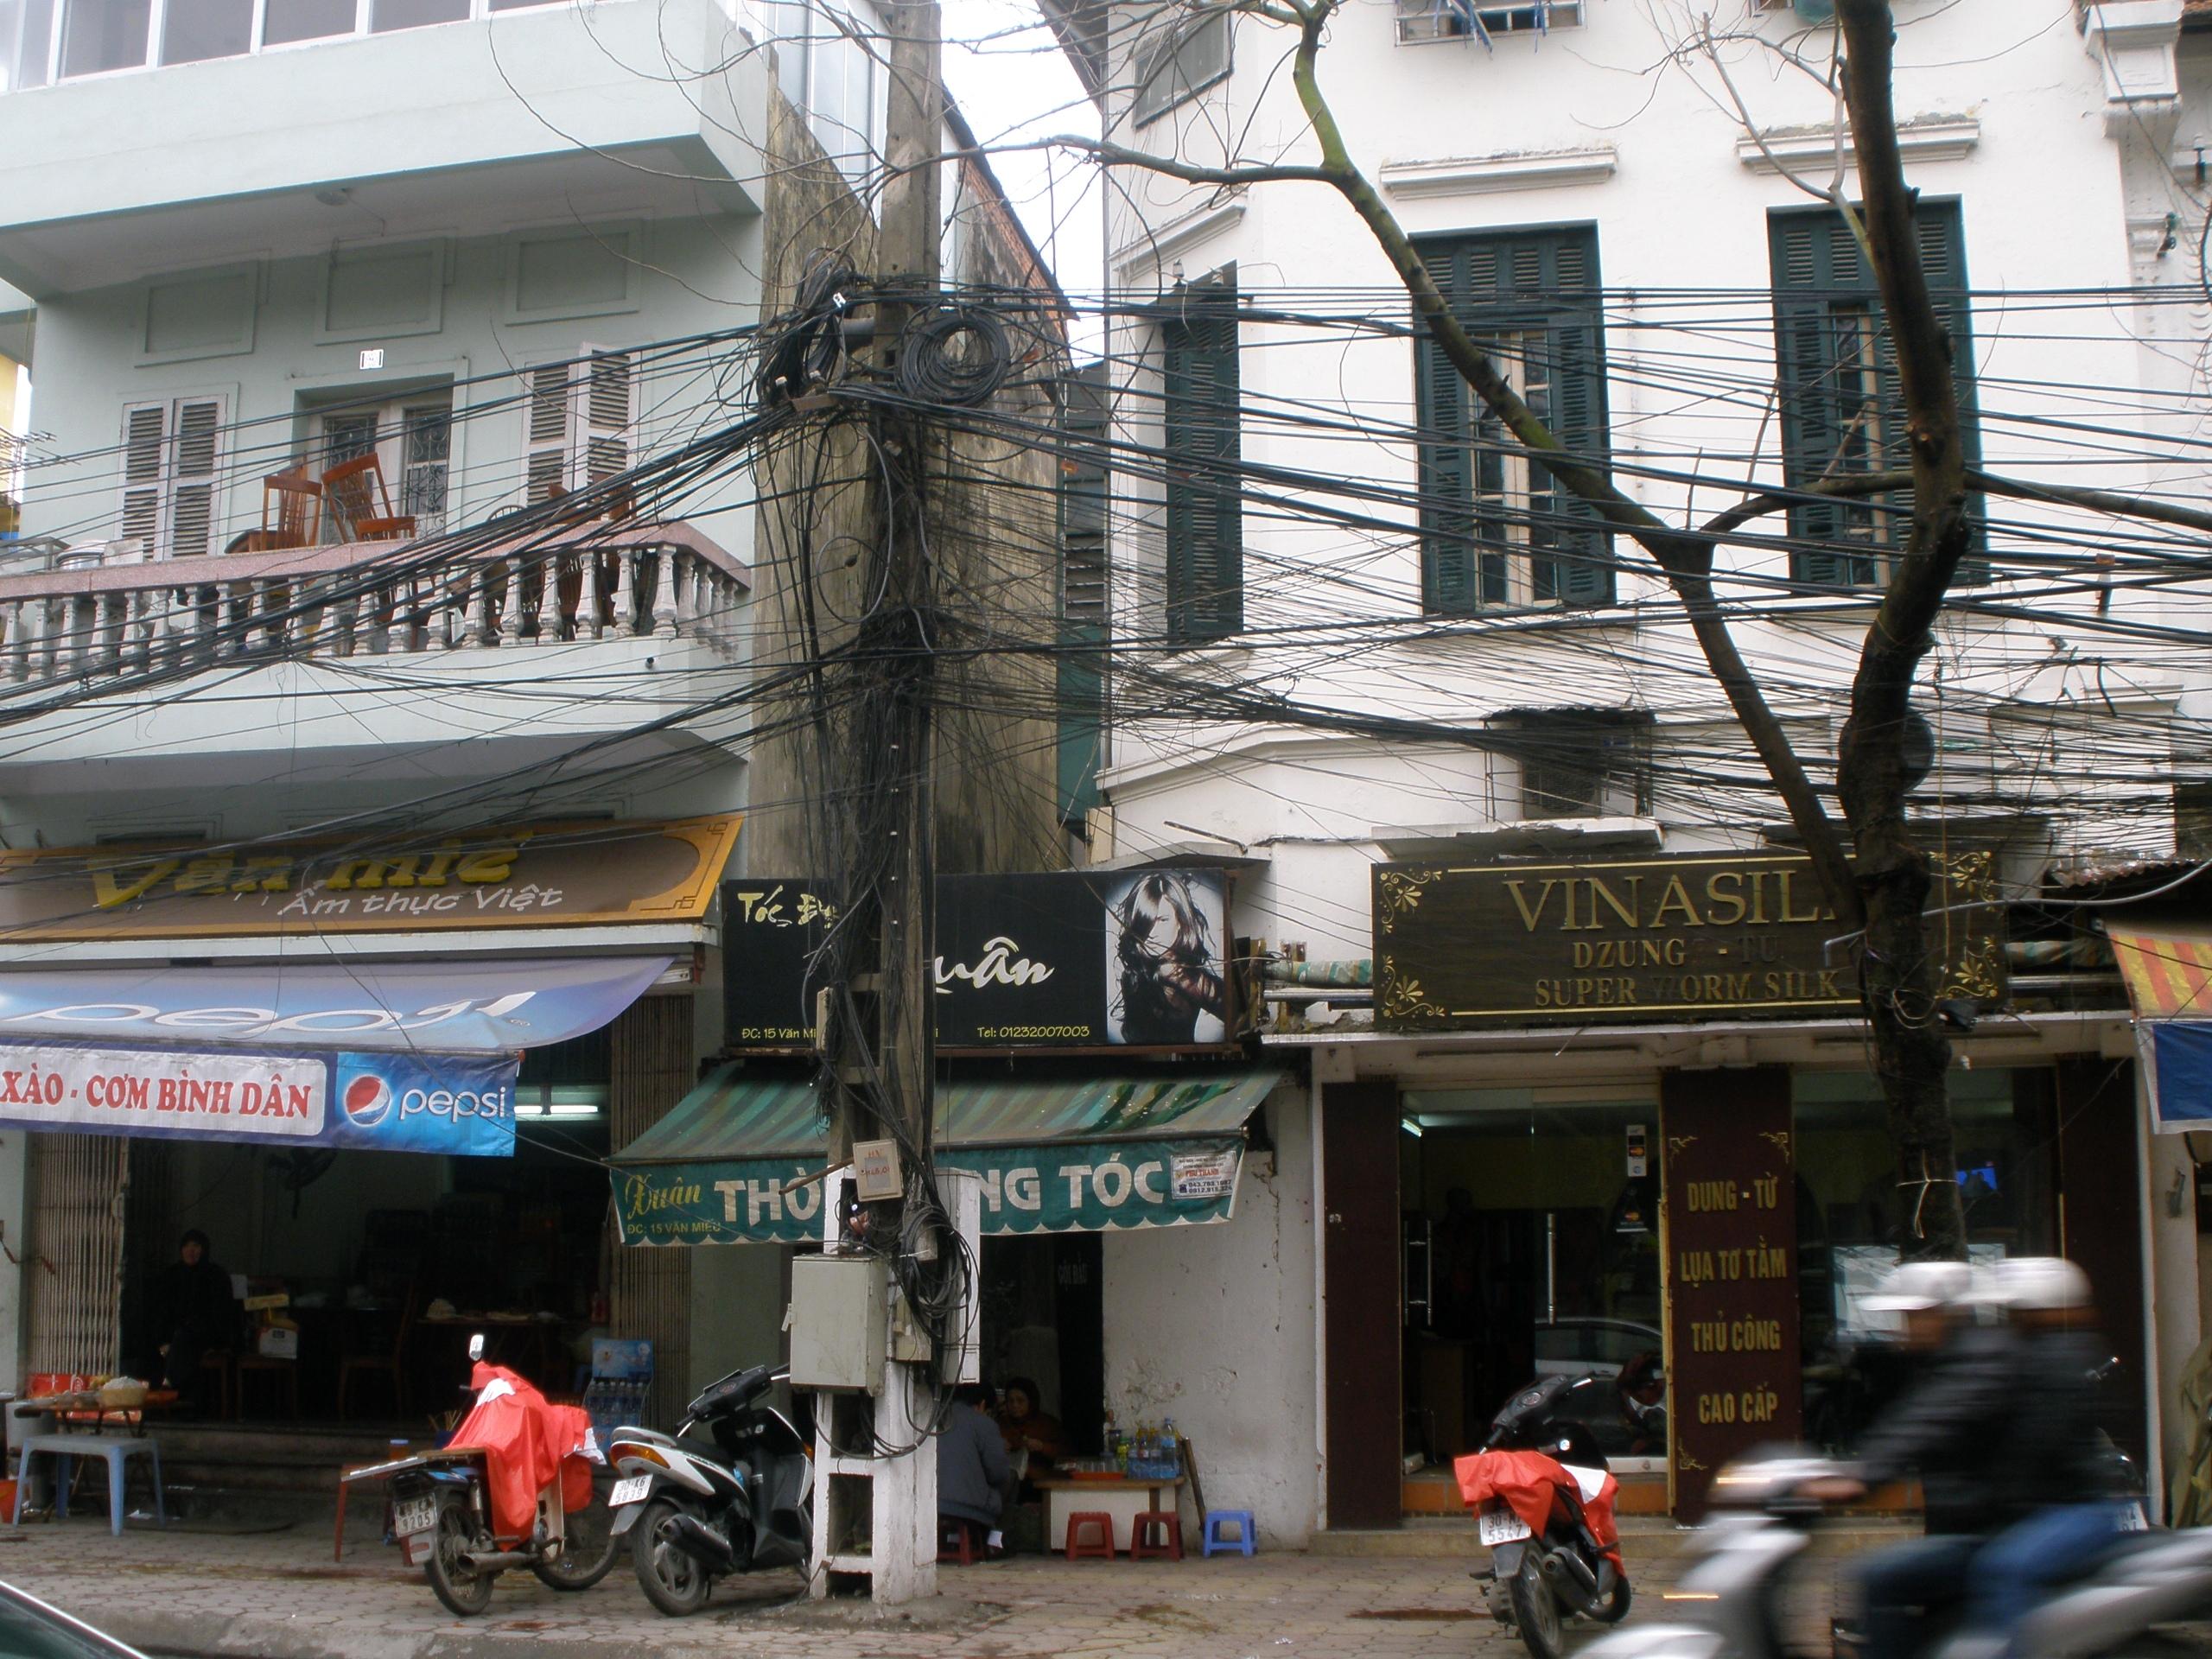 Hanoi Viet Nam